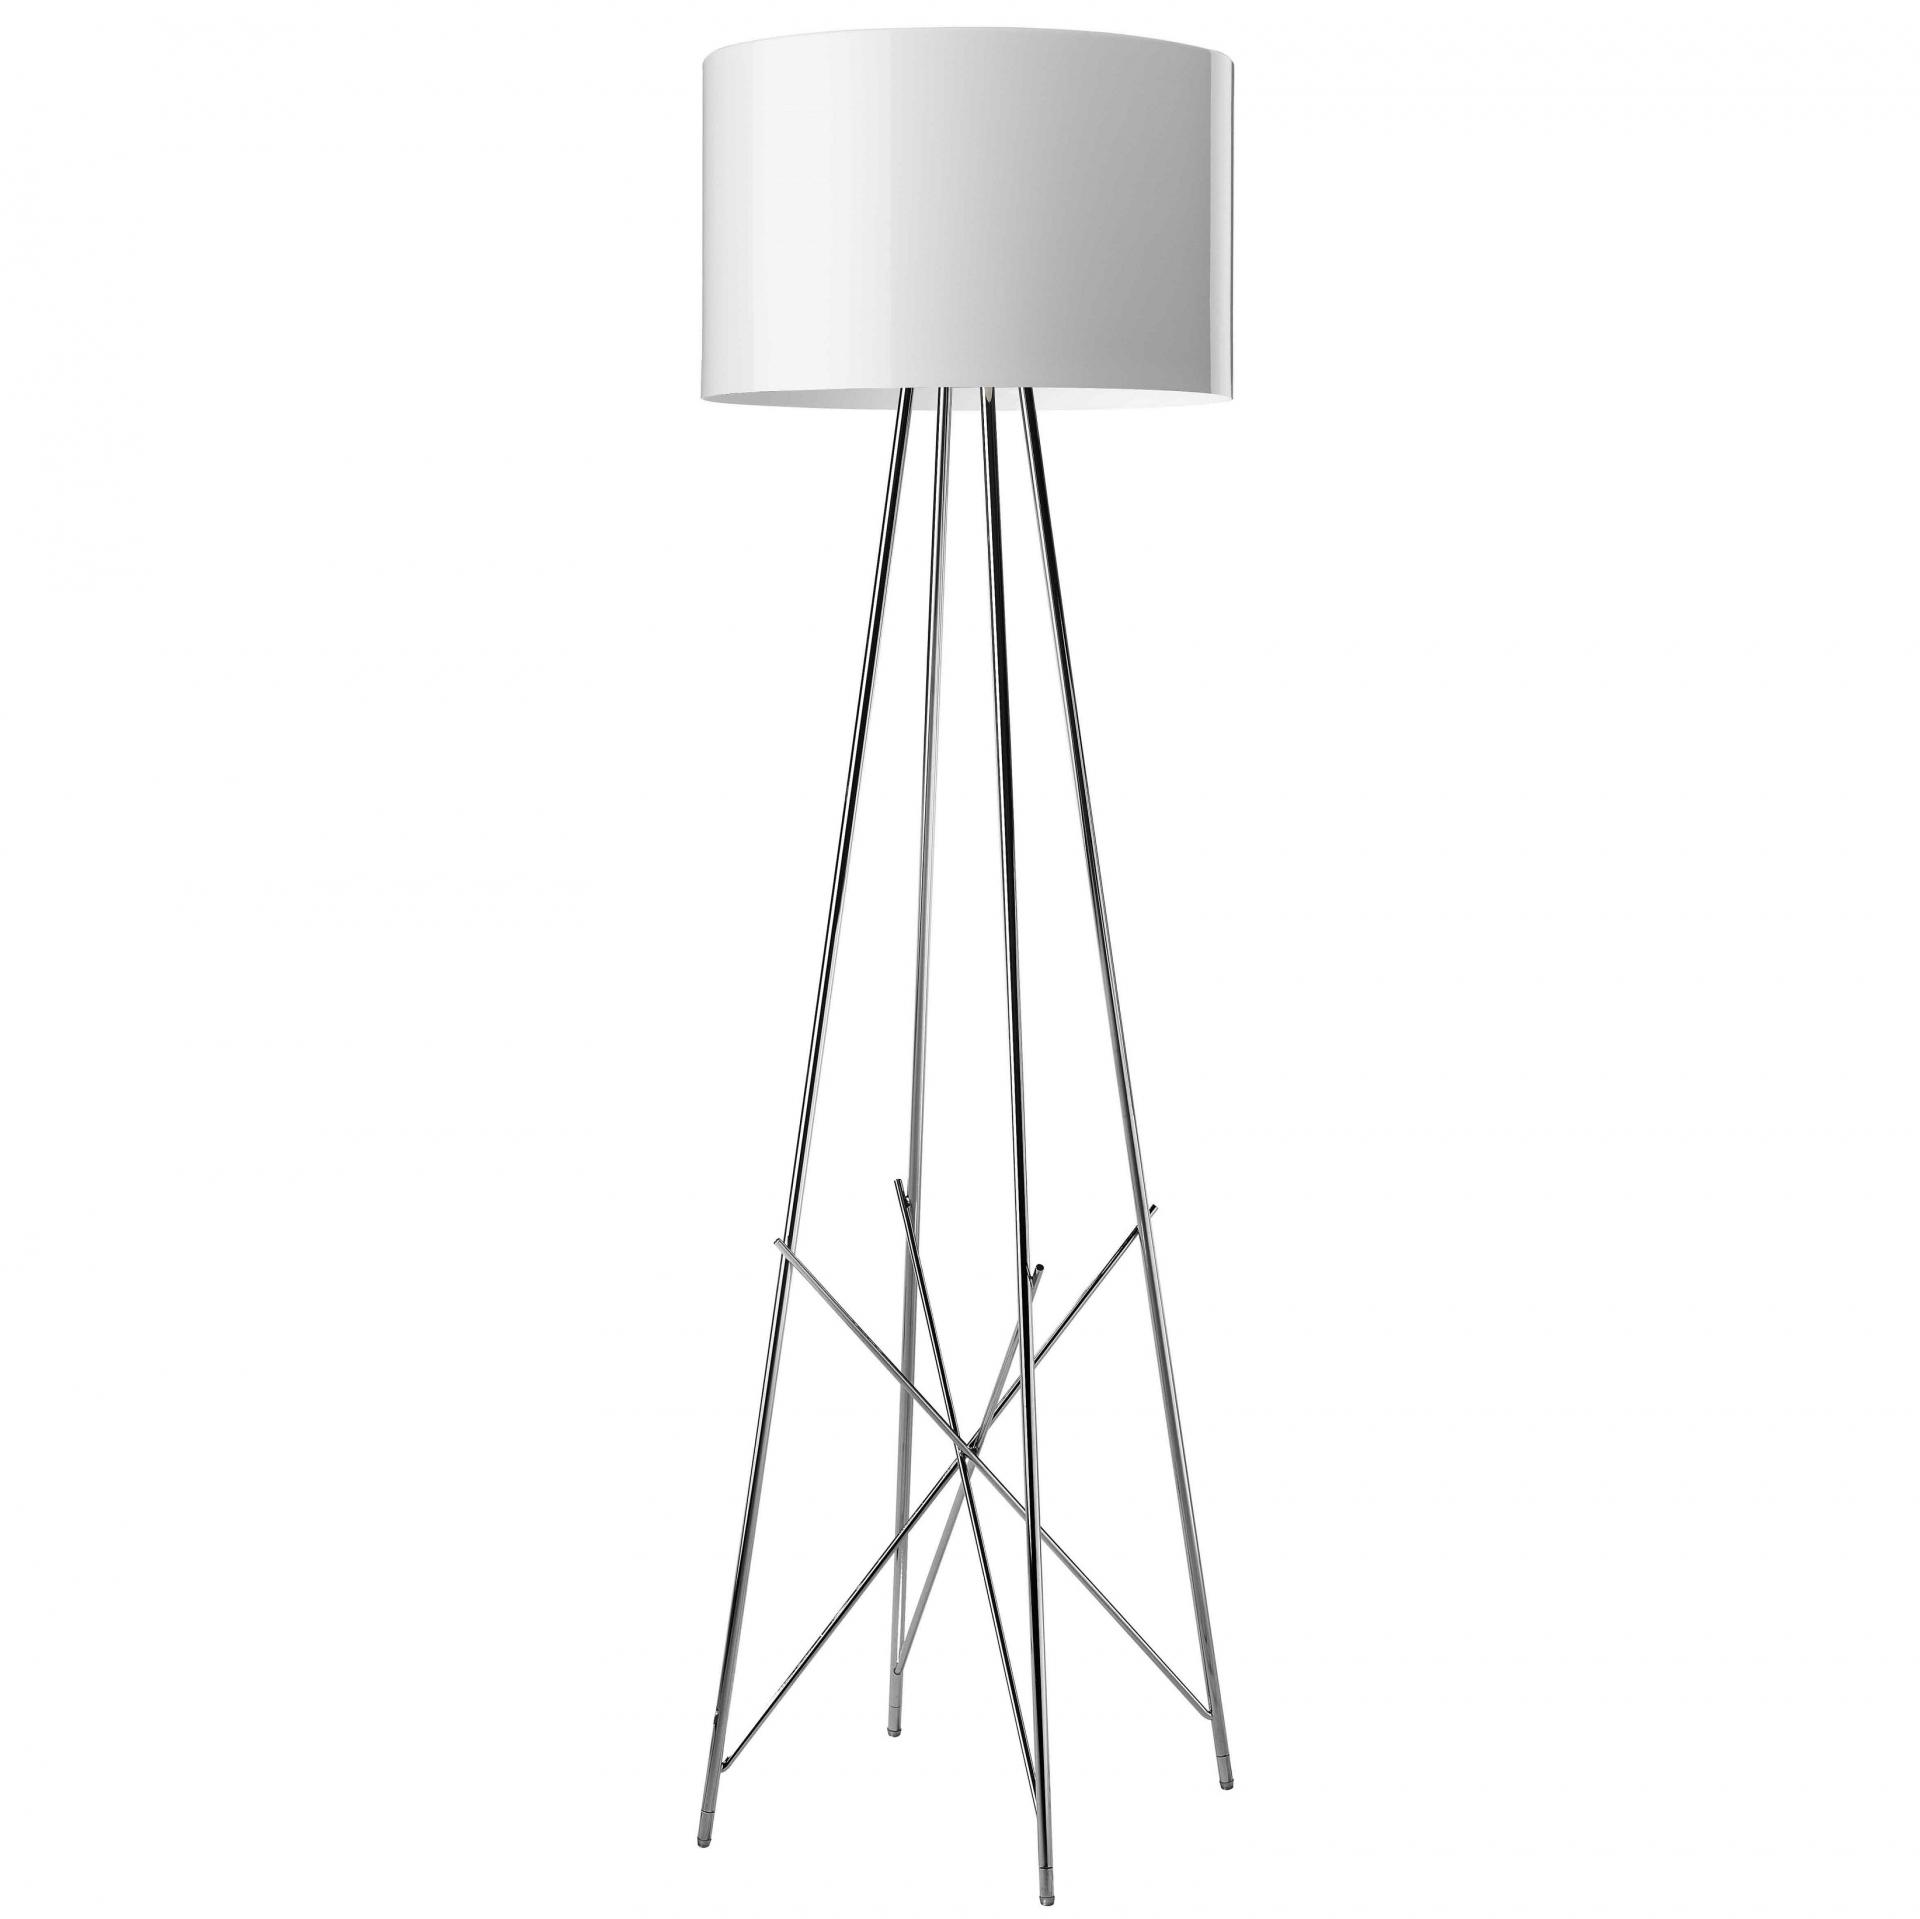 Flos designové stojací lampy Ray F2